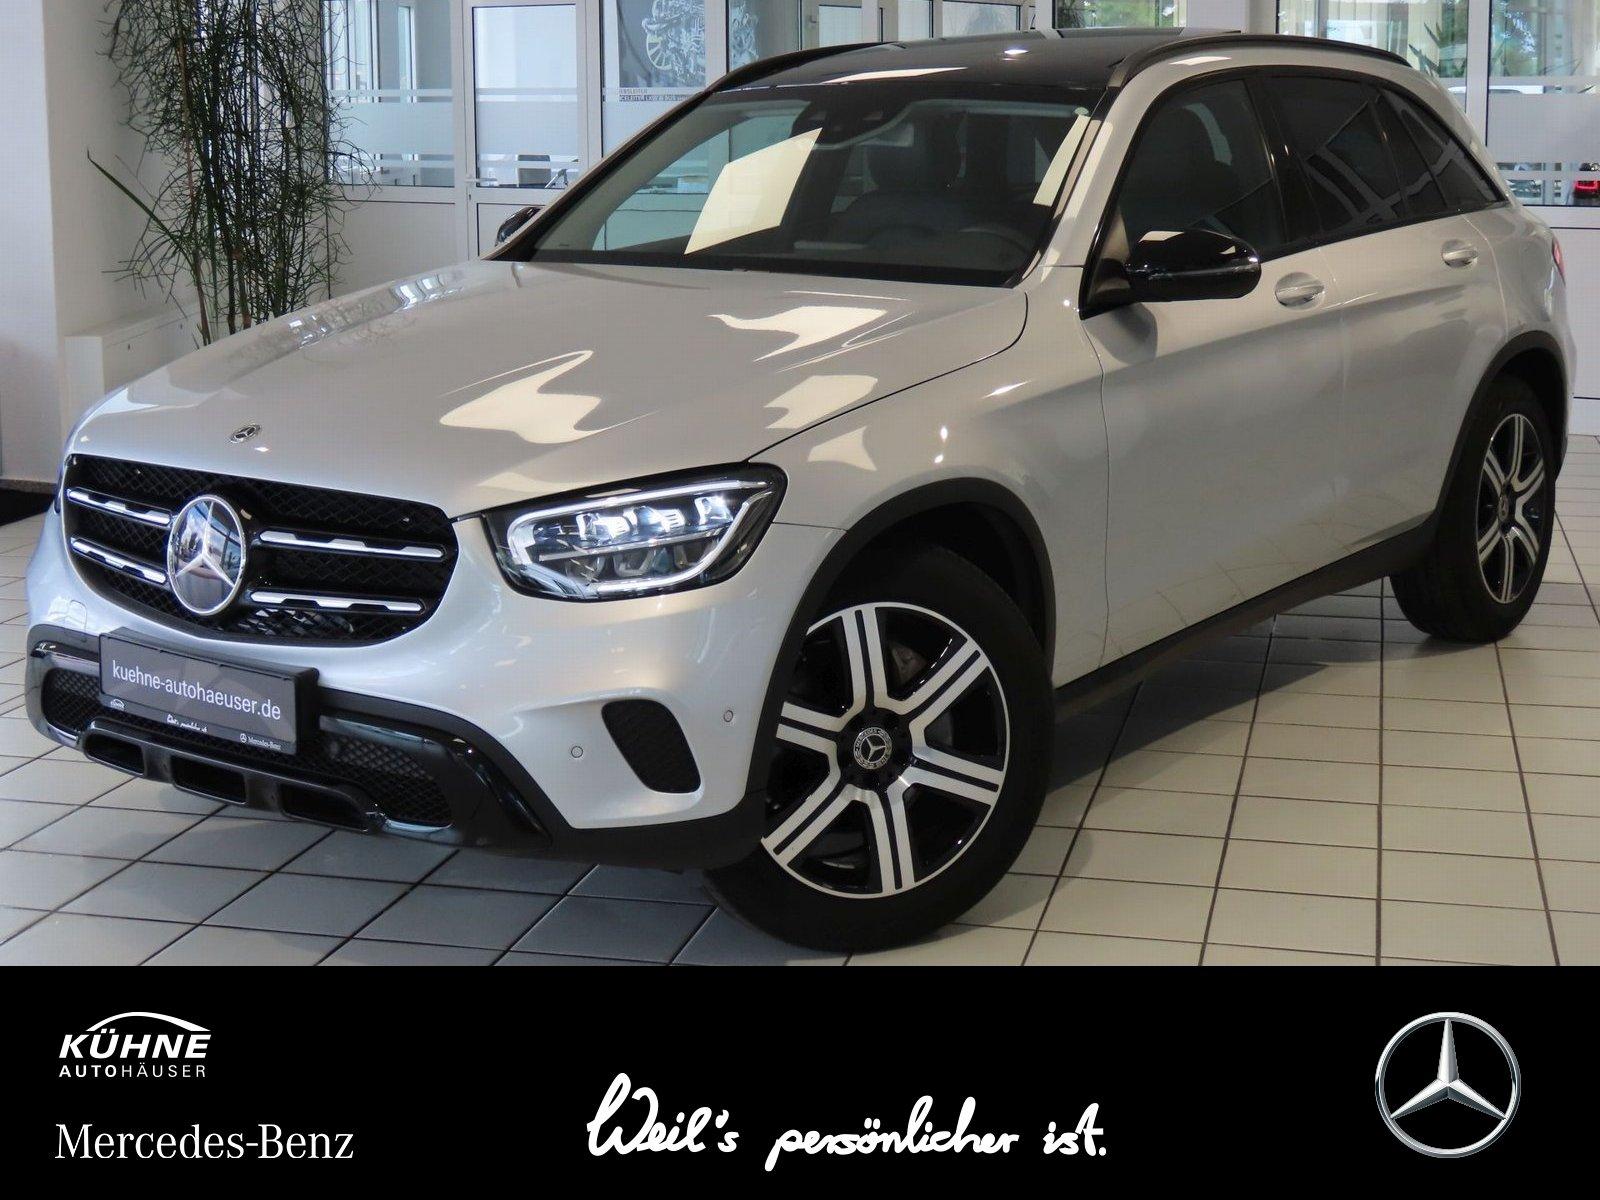 Mercedes-Benz GLC 200 d Night+Panorama+AHK+FahrAssistenzPaket, Jahr 2019, Diesel